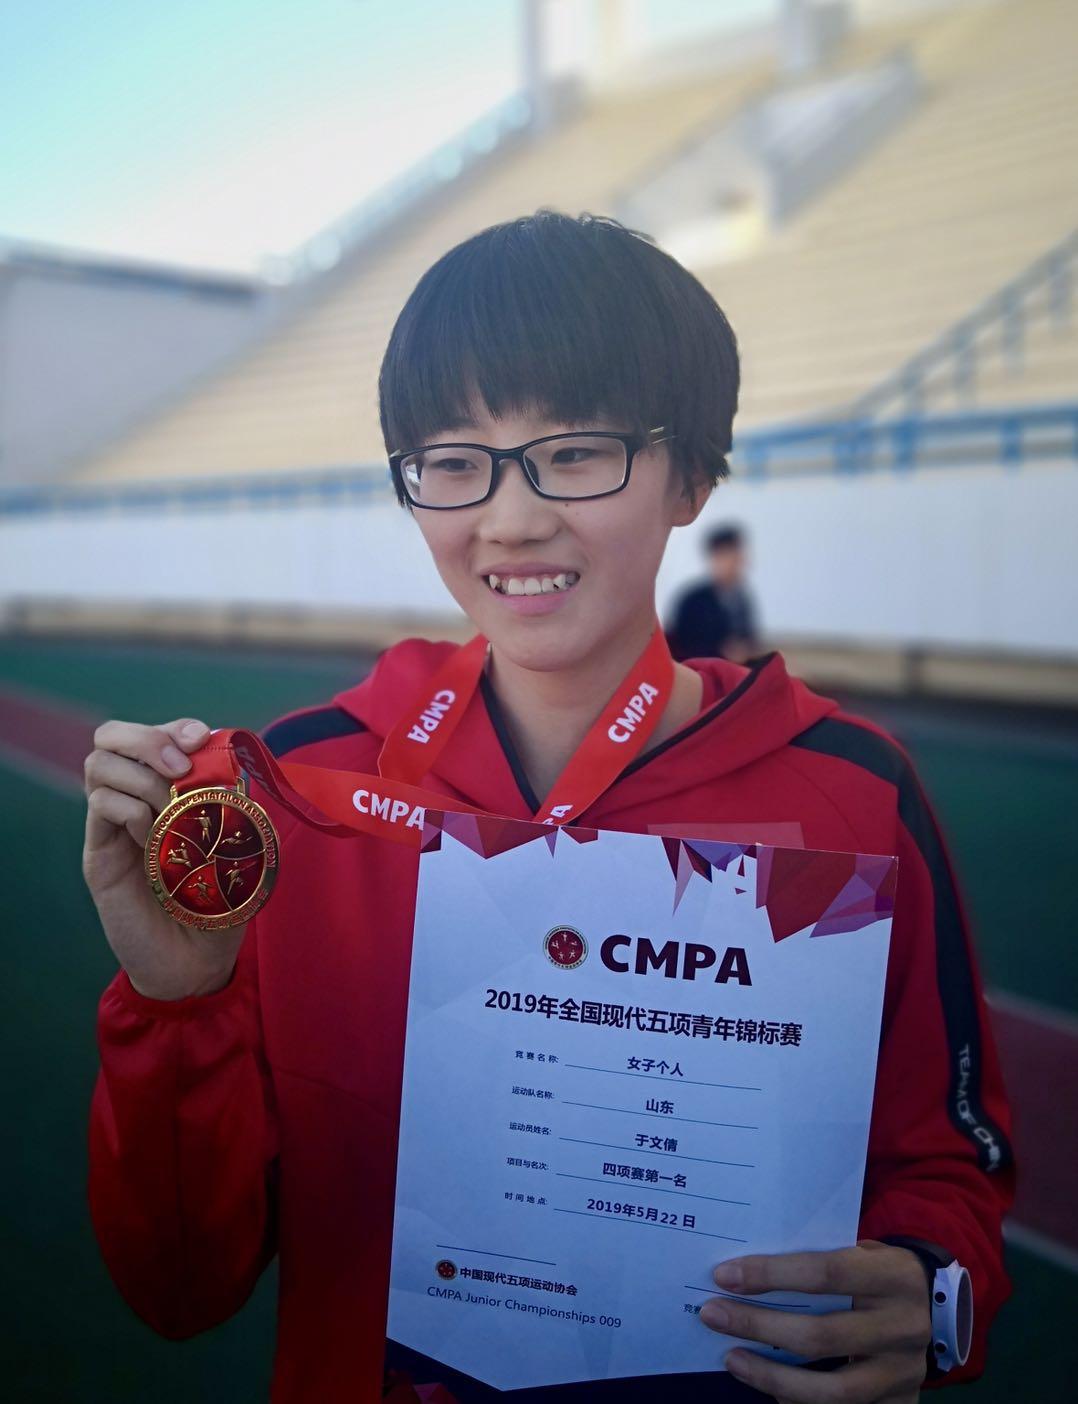 全国现代五项青少年锦标赛开赛 山东于文倩夺女子青年组个人冠军